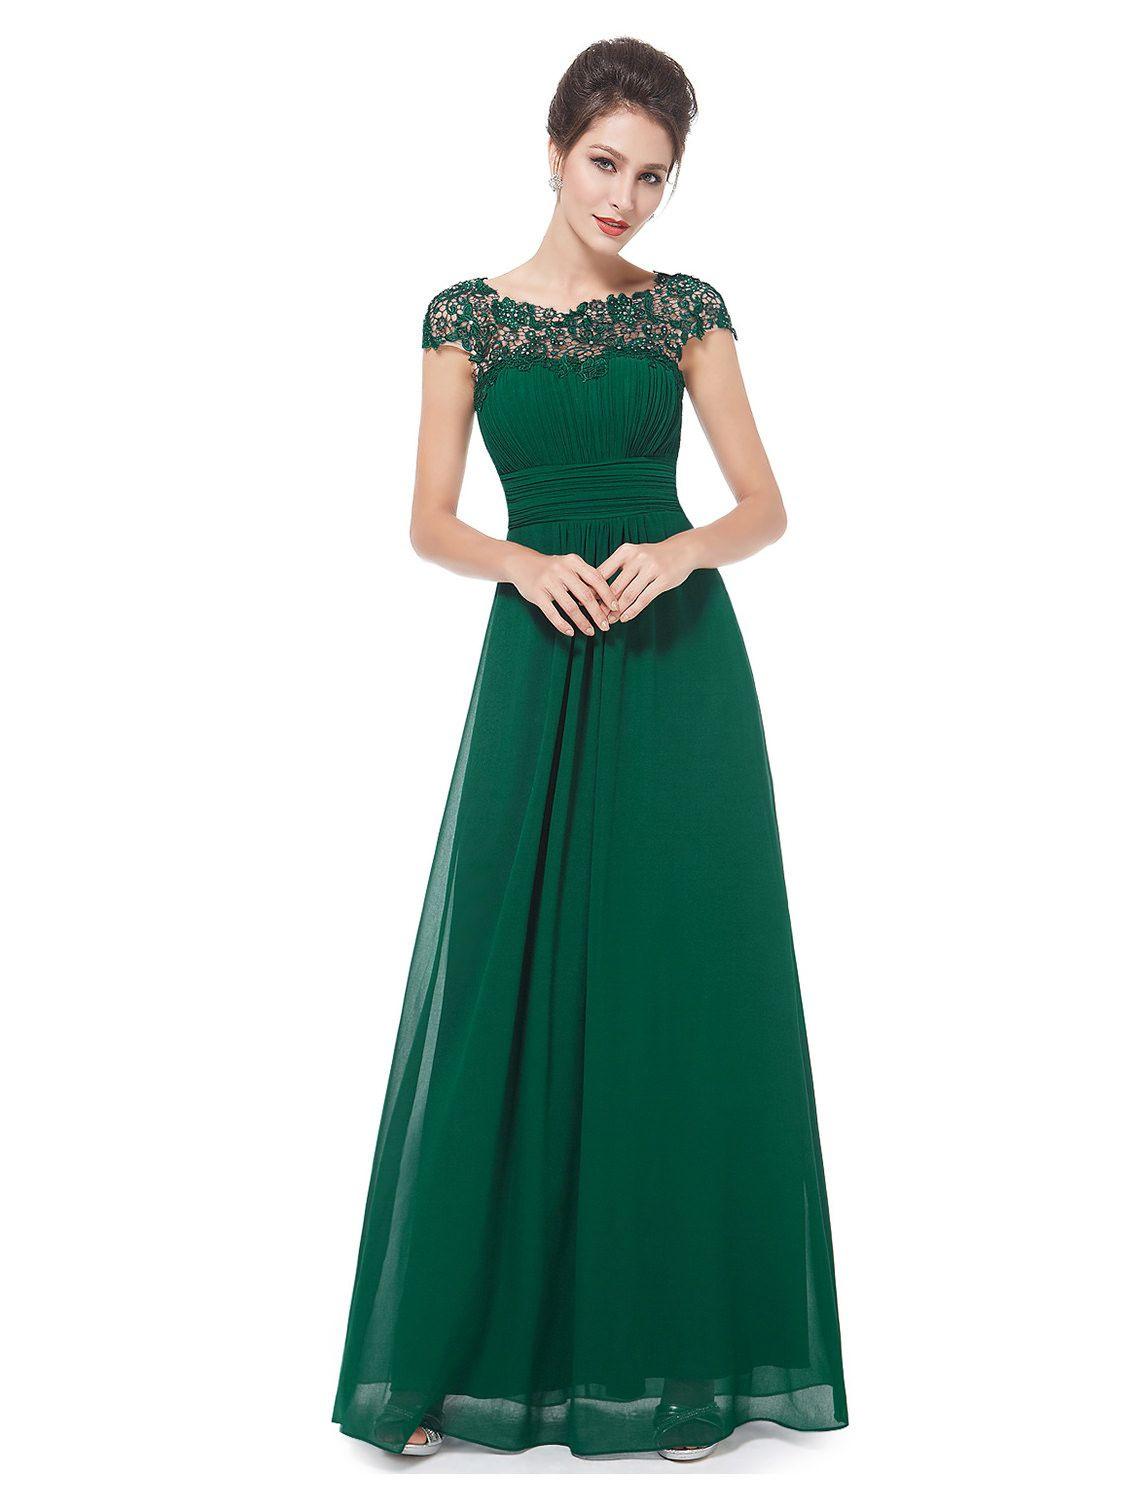 13 Perfekt Günstige Abendkleider Damen Ärmel10 Genial Günstige Abendkleider Damen Galerie